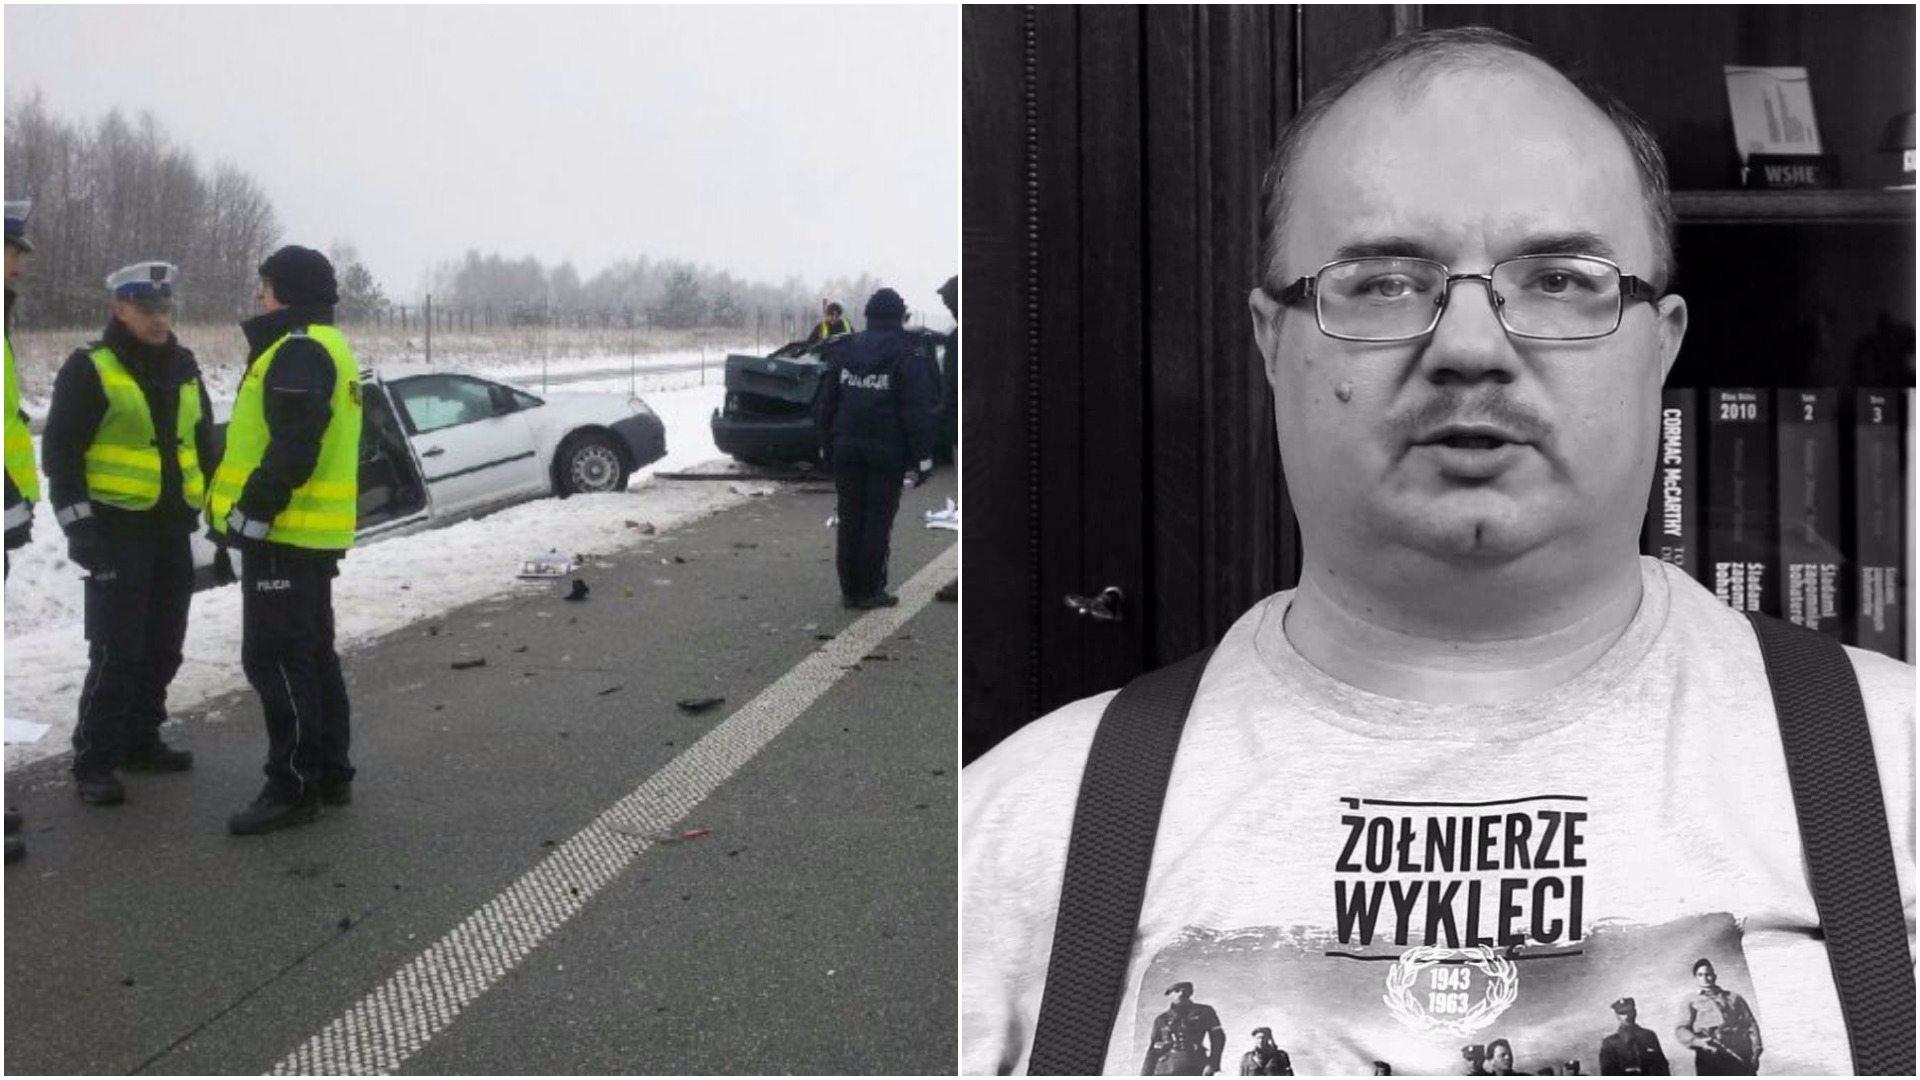 Poseł Kukiz'15 został zabity? Nowe fakty ws. kontrowersji wokół śmierci polityka (video)